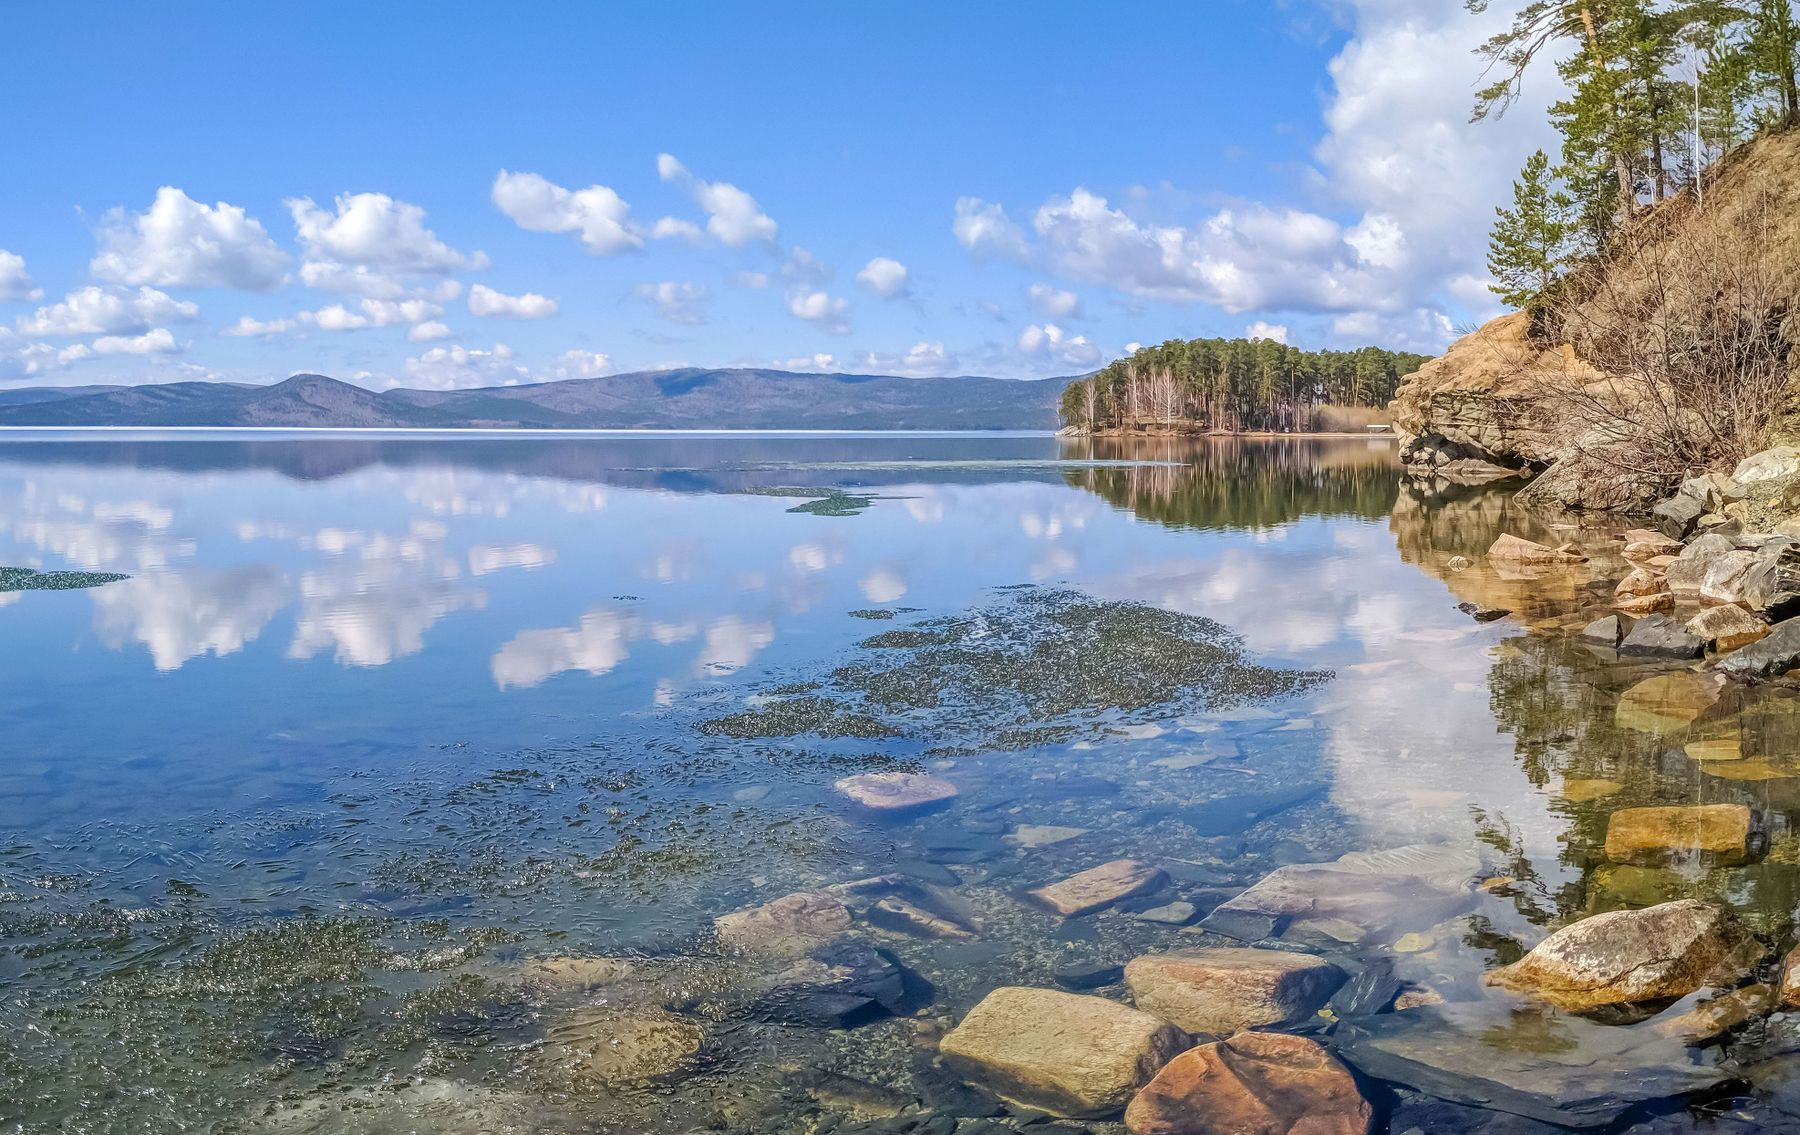 Майское утро на озере Тургояк. (панорама) Южный Урал Миасс Тургояк природа лес весна Май